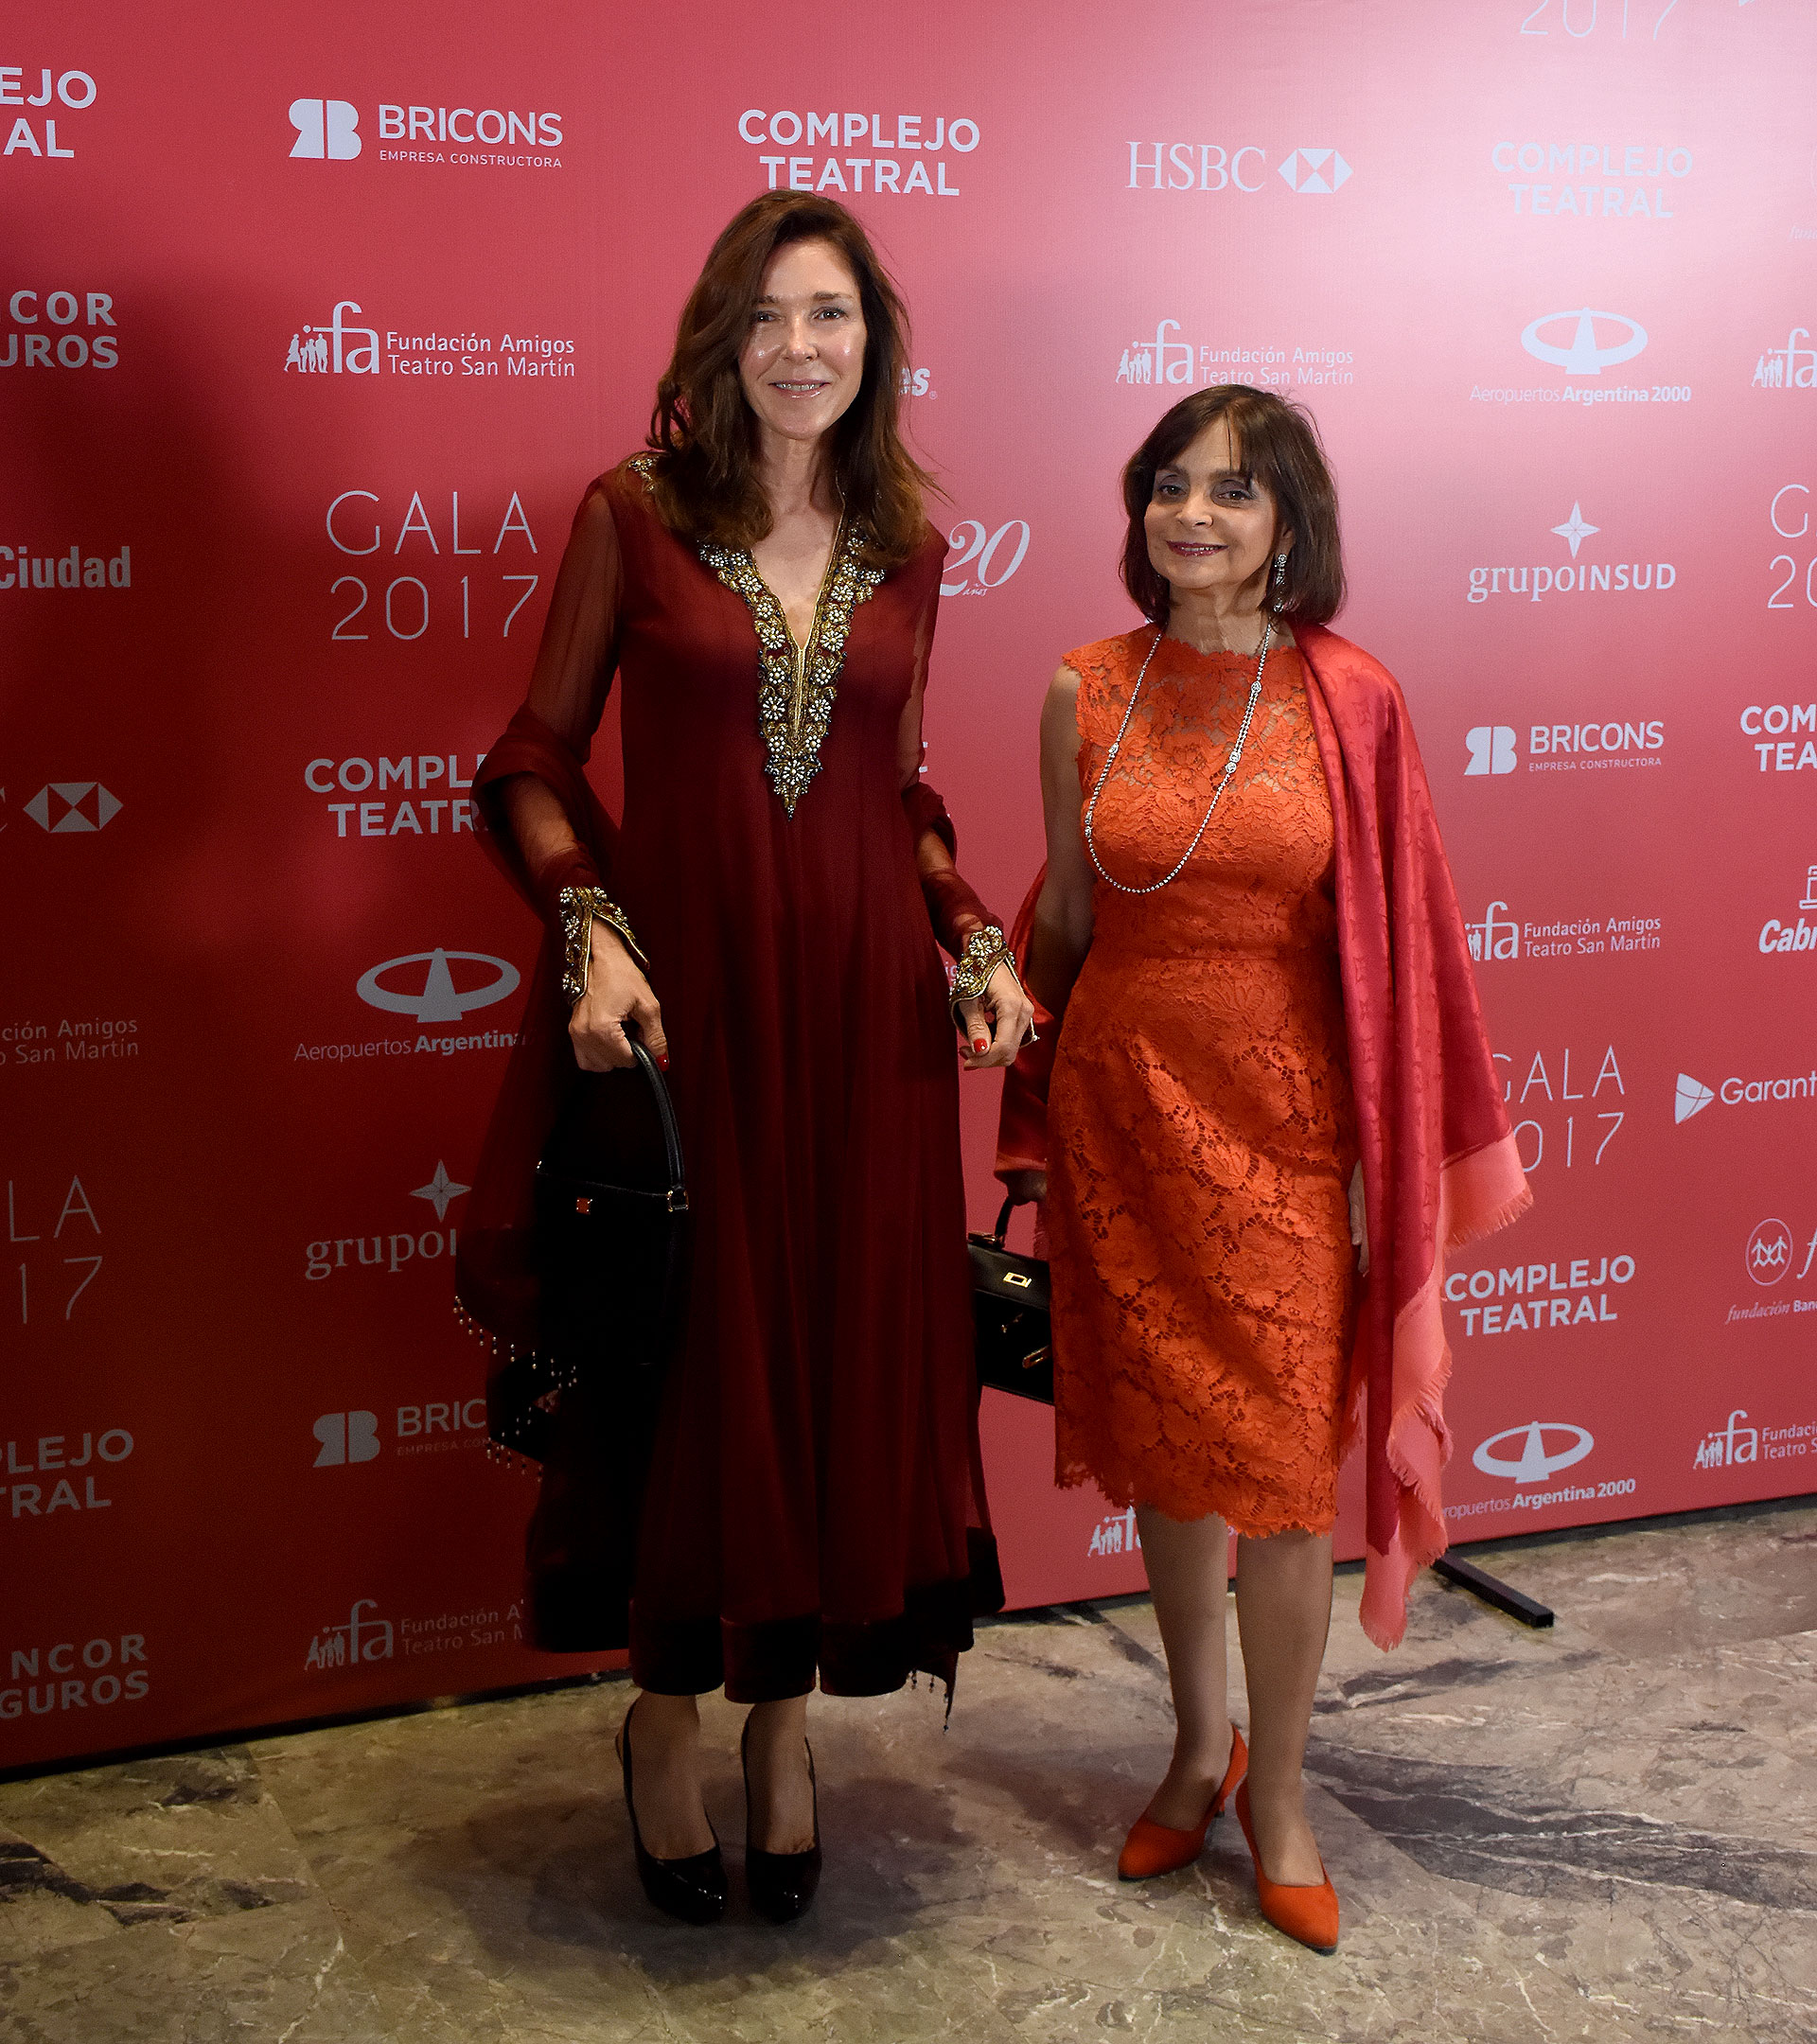 Patricia Pearson de Vergez y Claudia Stad